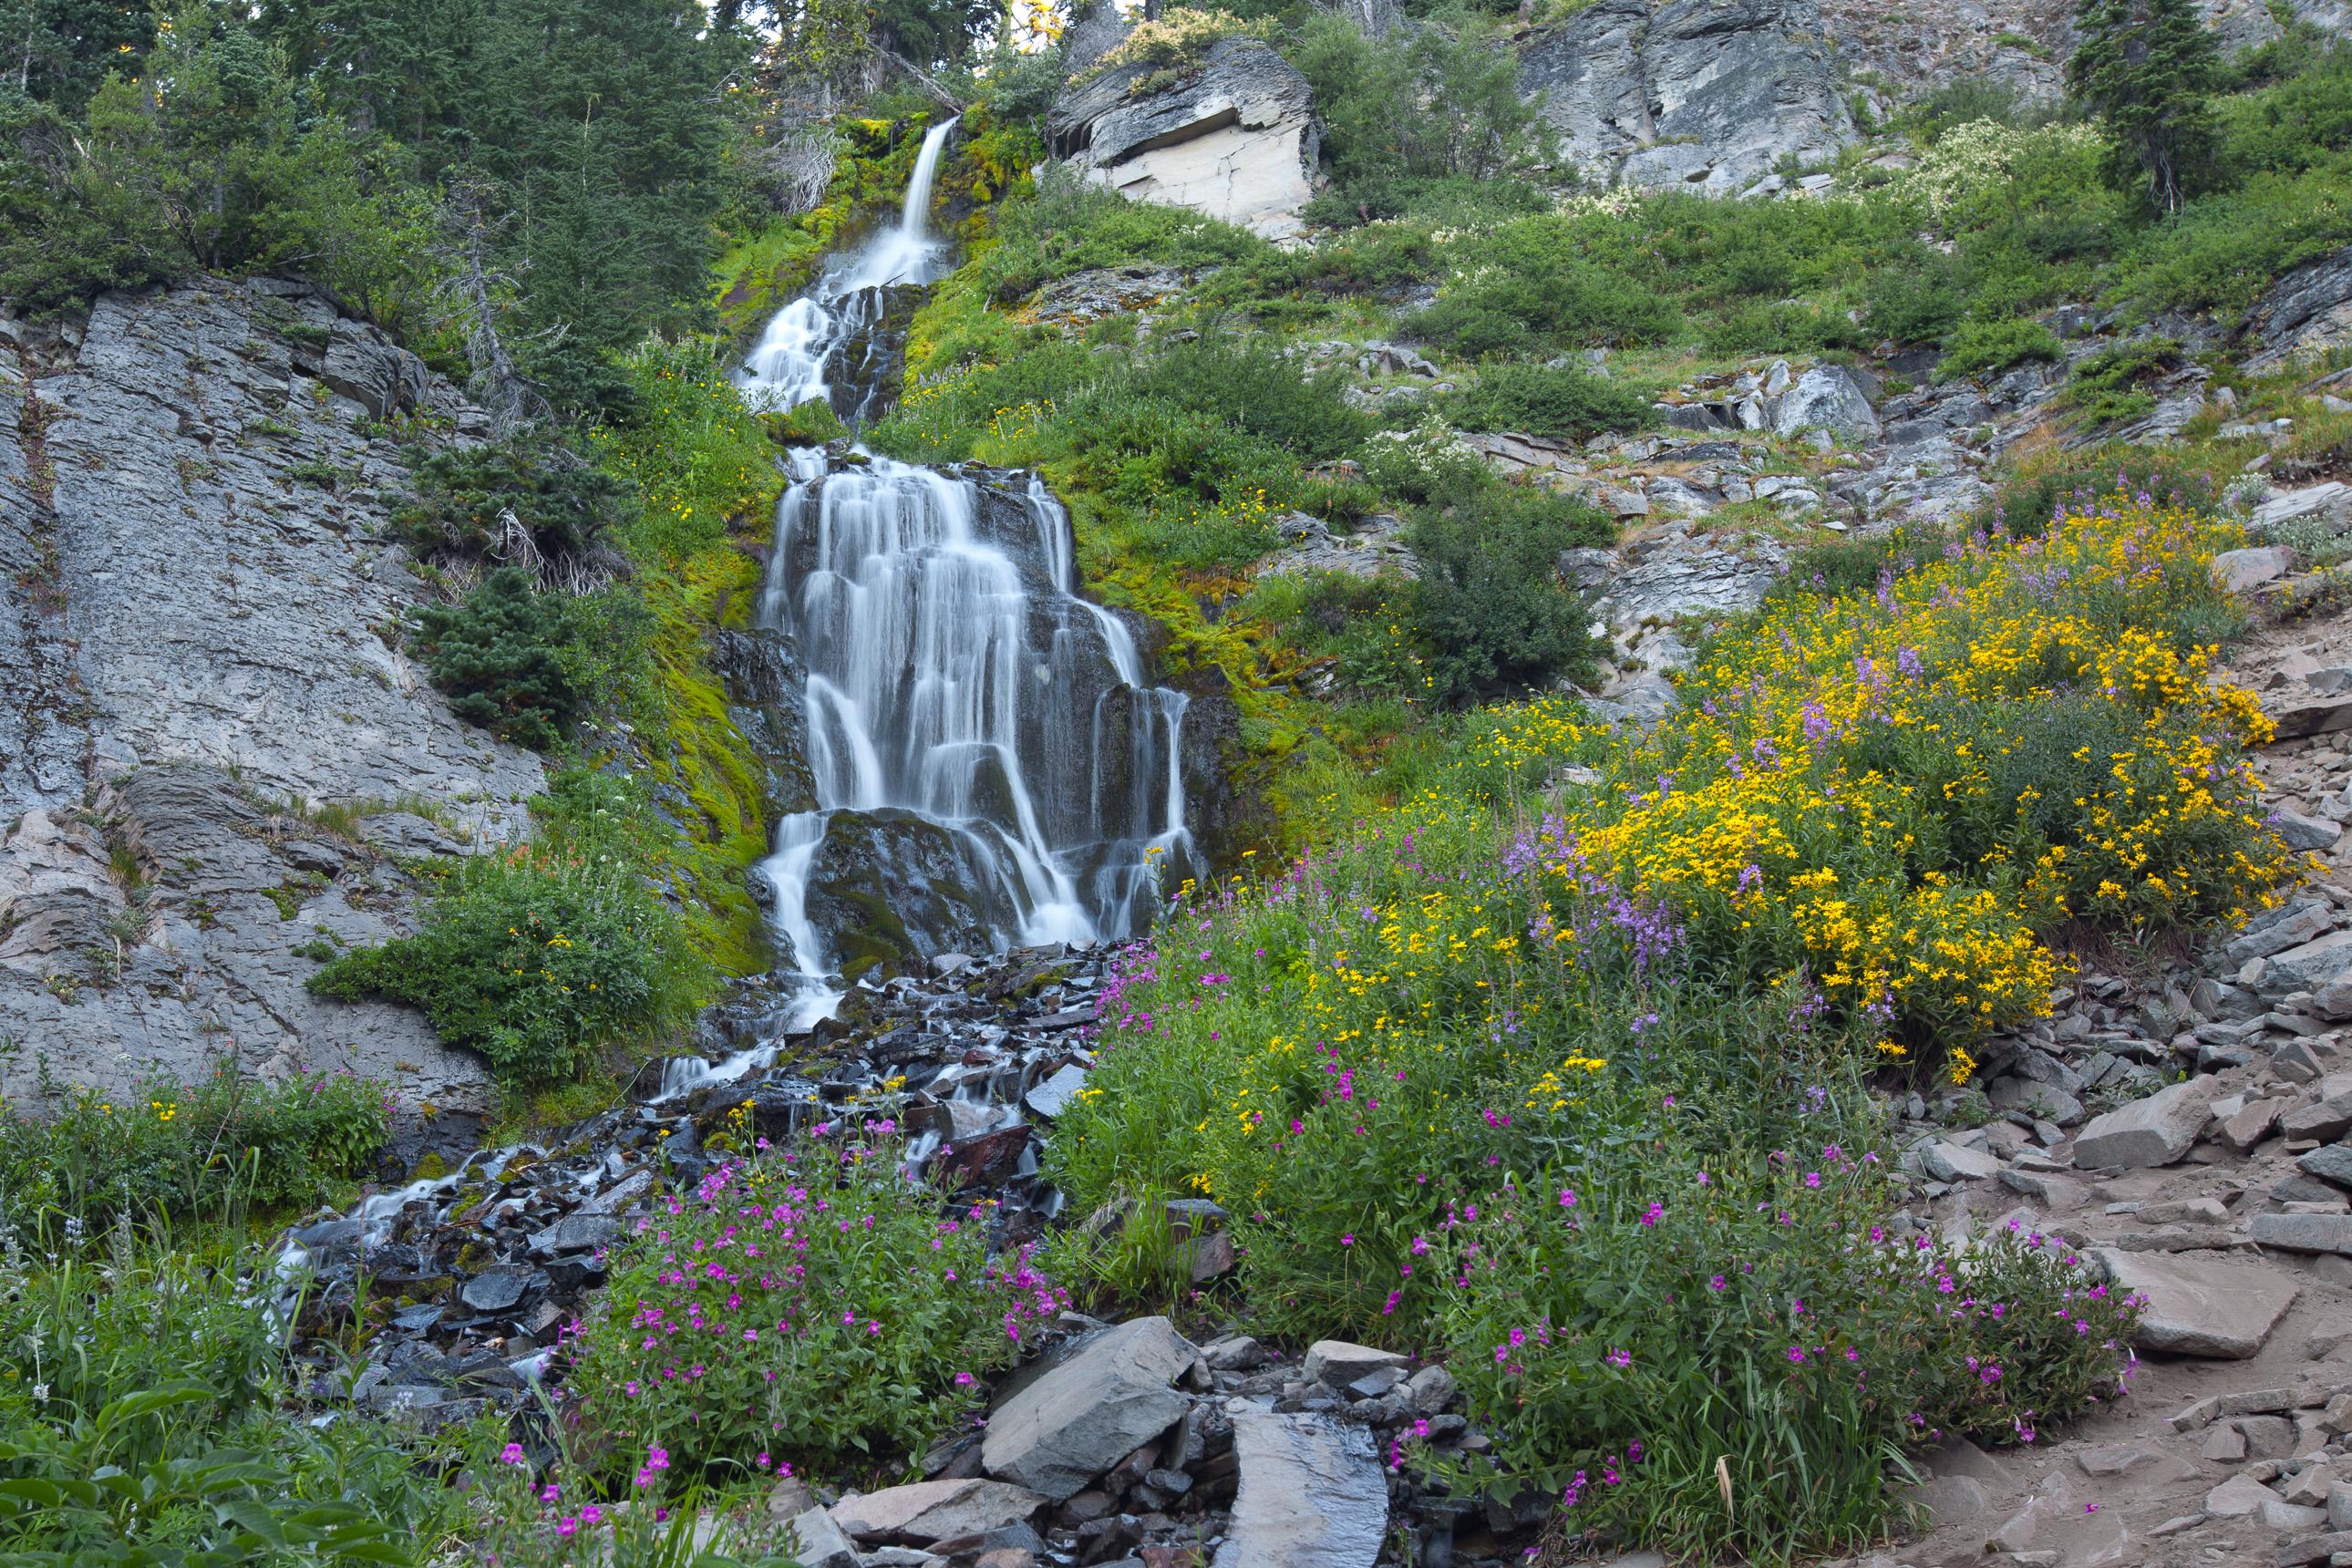 Vidae Falls in Crater Lake National Park